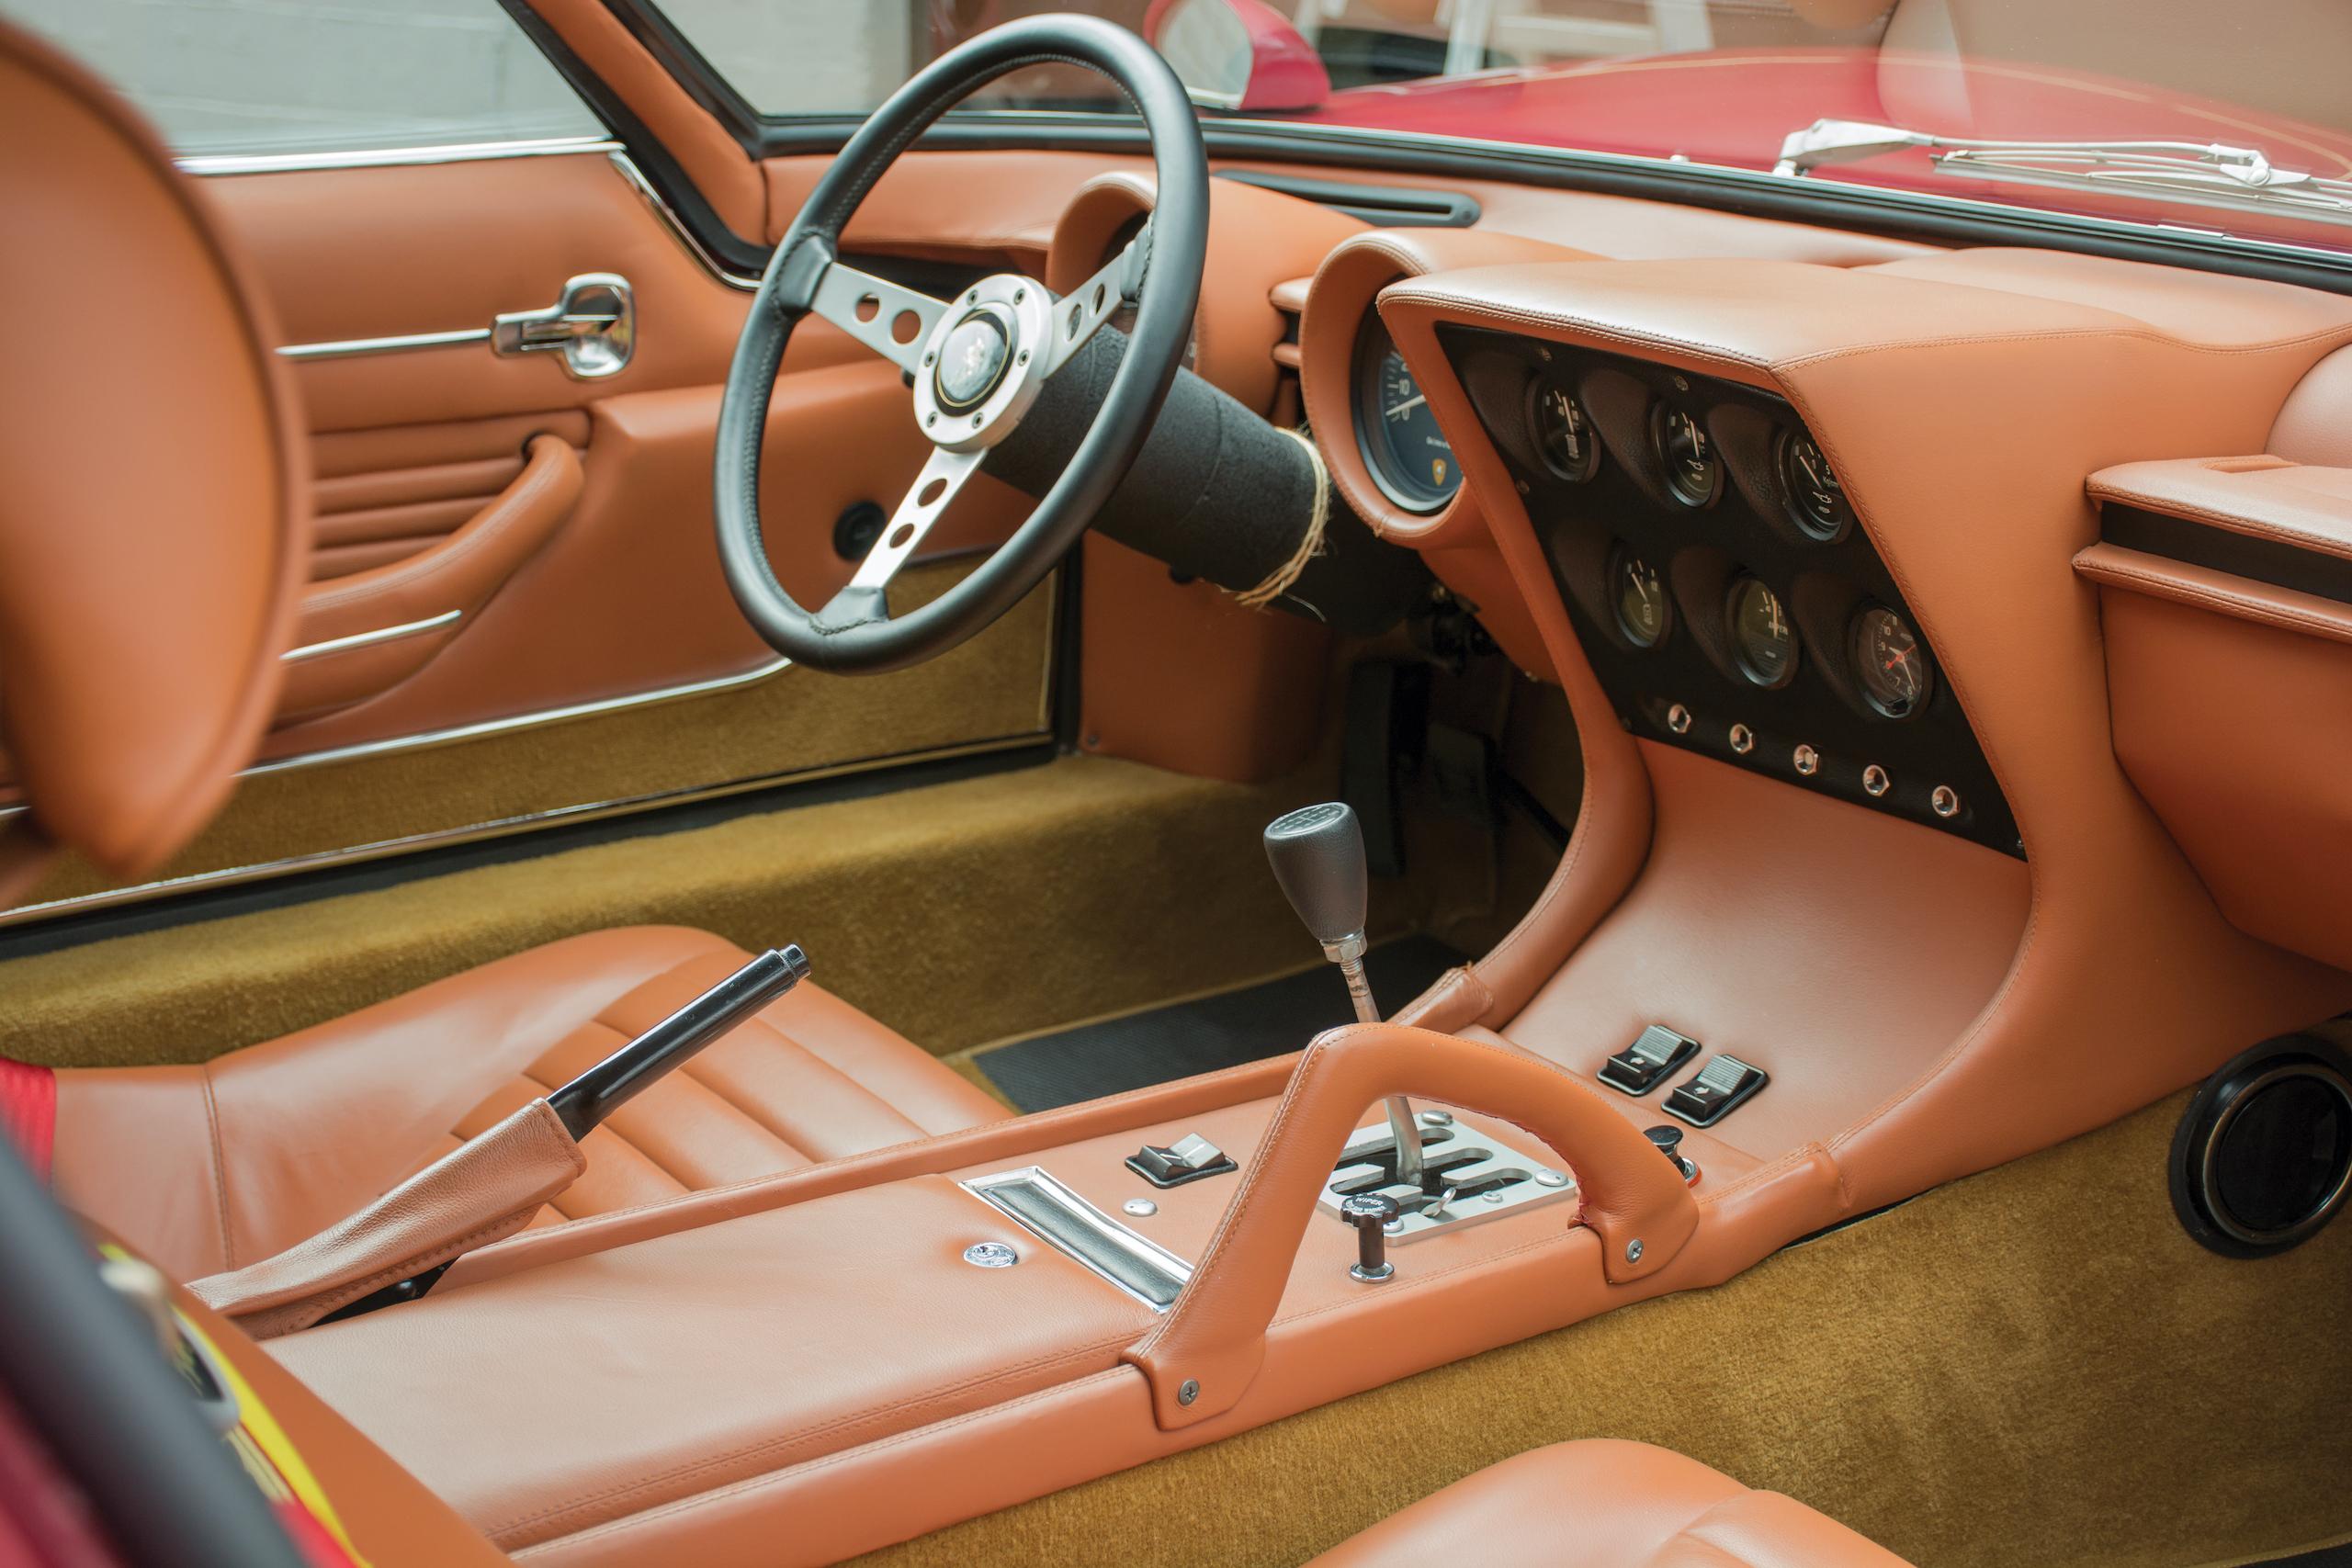 1971 Lamborghini Miura SVJ by Bertone interior